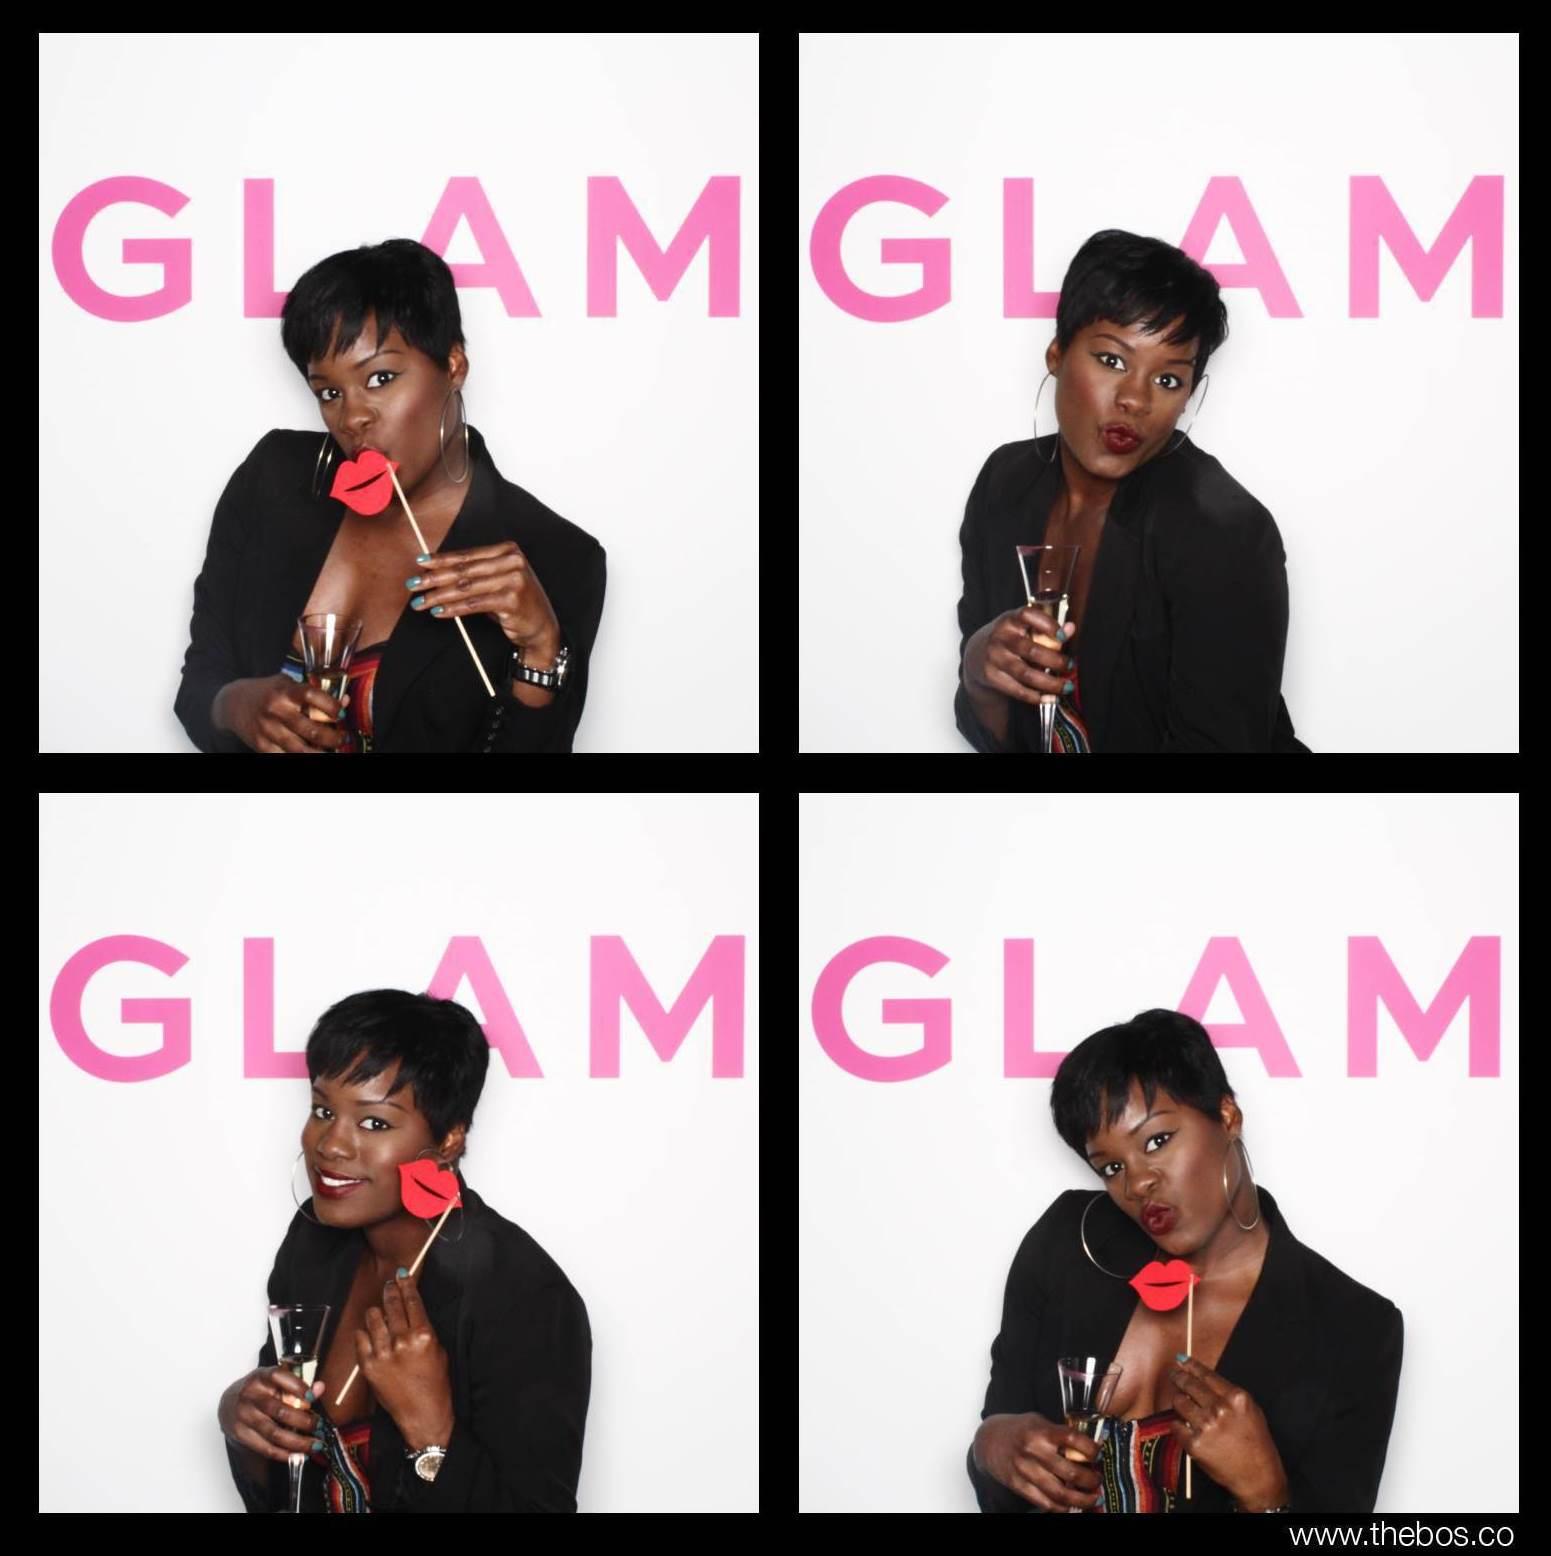 The Glamorous Gleam 5 Years Anniversary